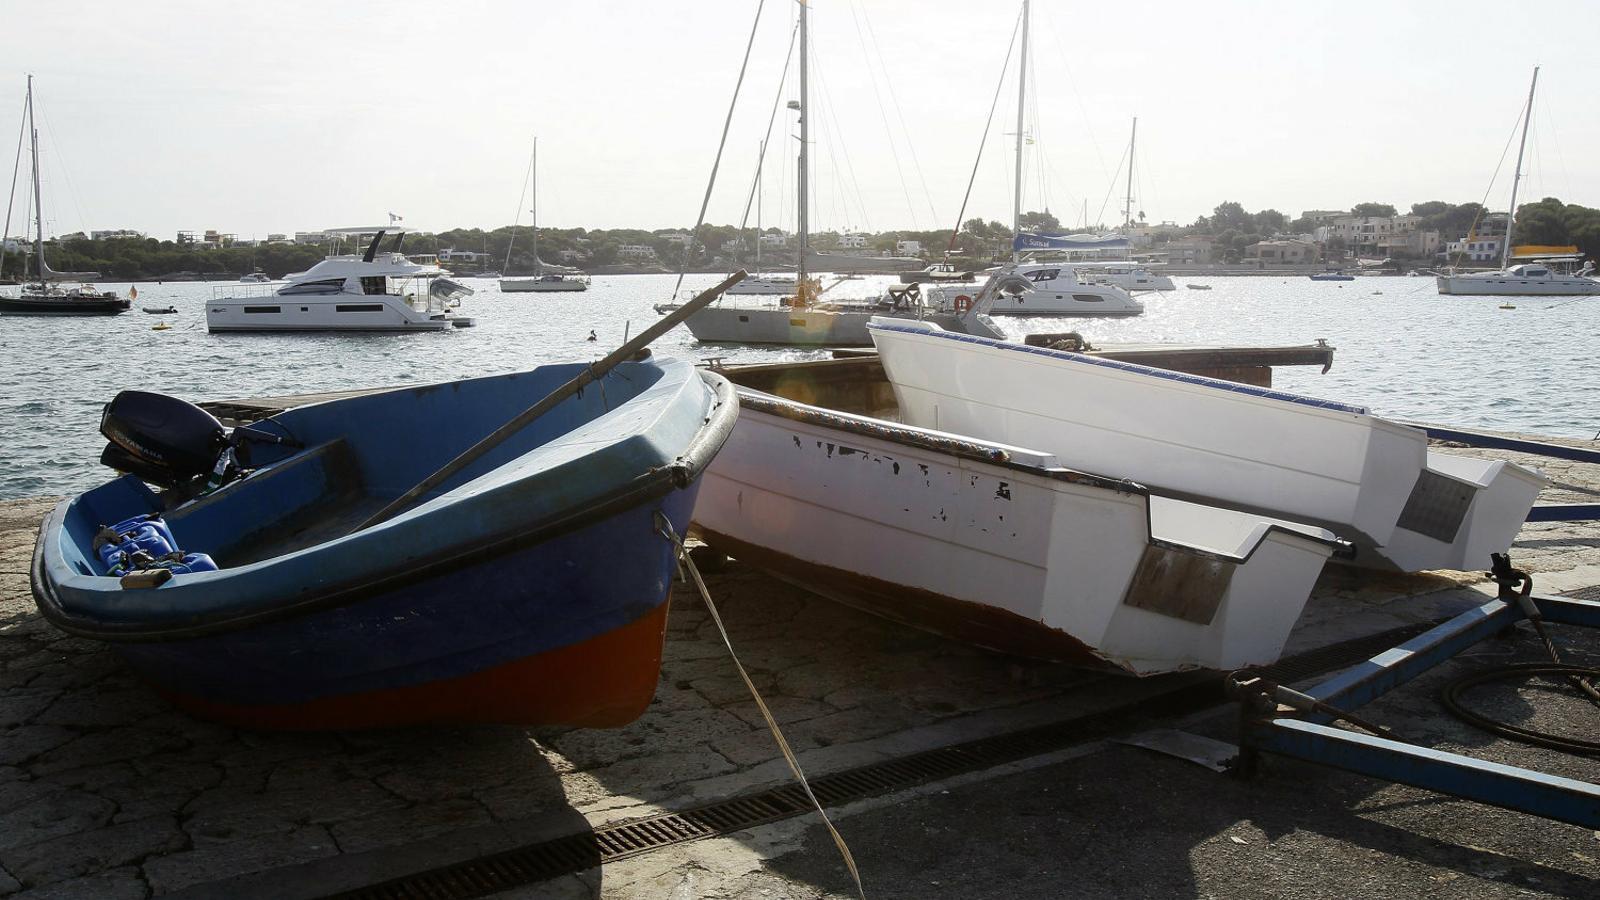 Fugida, captura i futur dels mariners de pastera